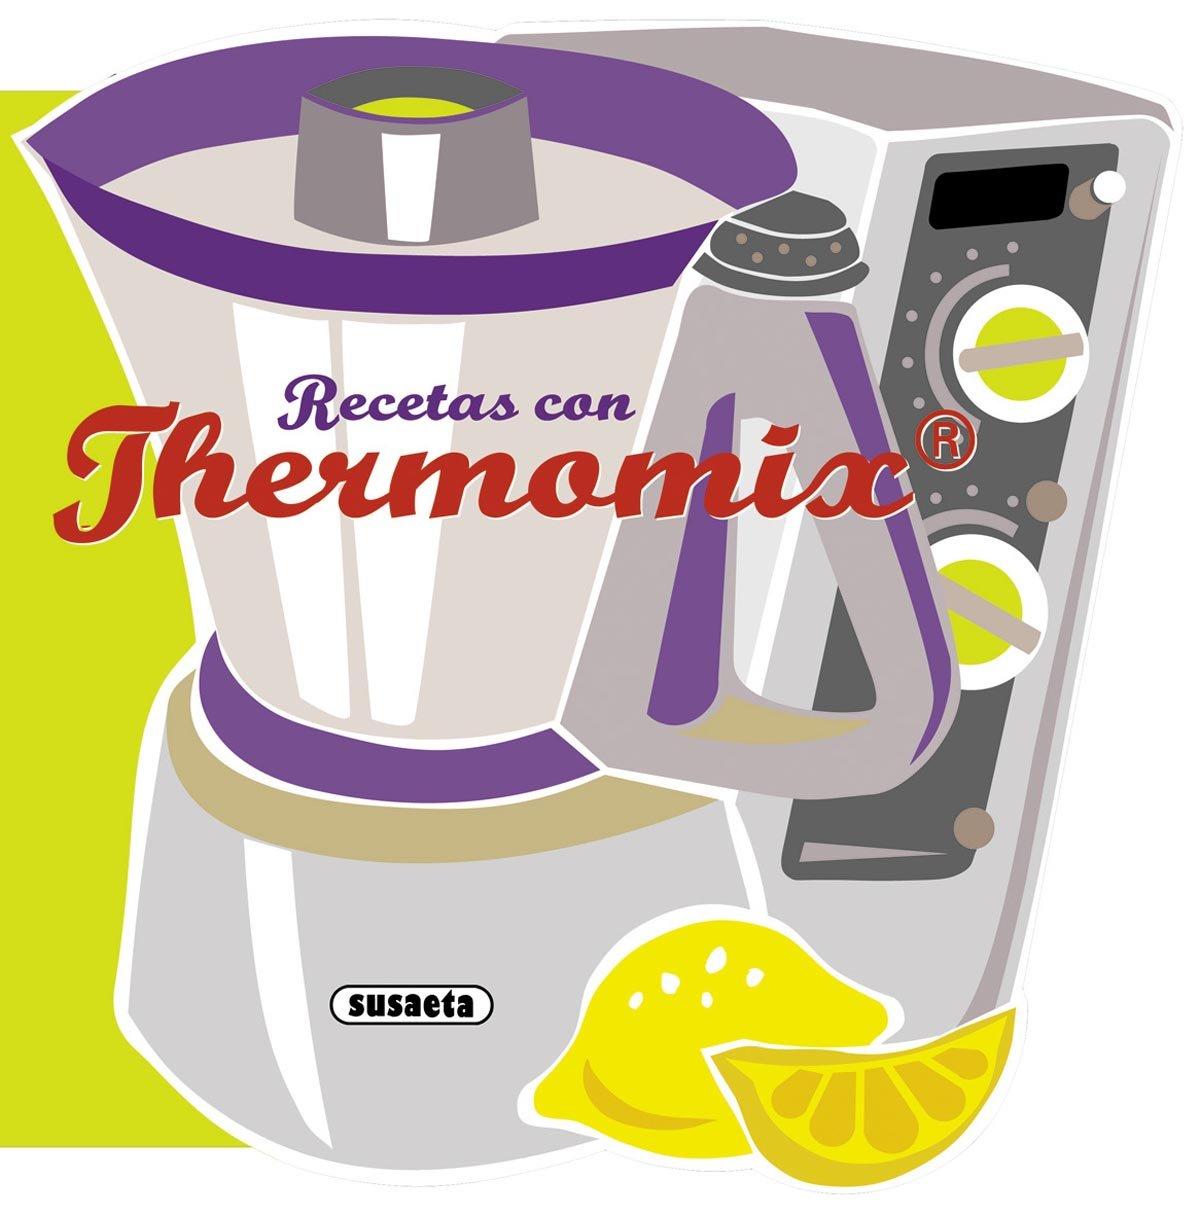 Recetas con Thermomix (Recetas para cocinar): Amazon.es: Susaeta, Equipo, Susaeta, Equipo: Libros